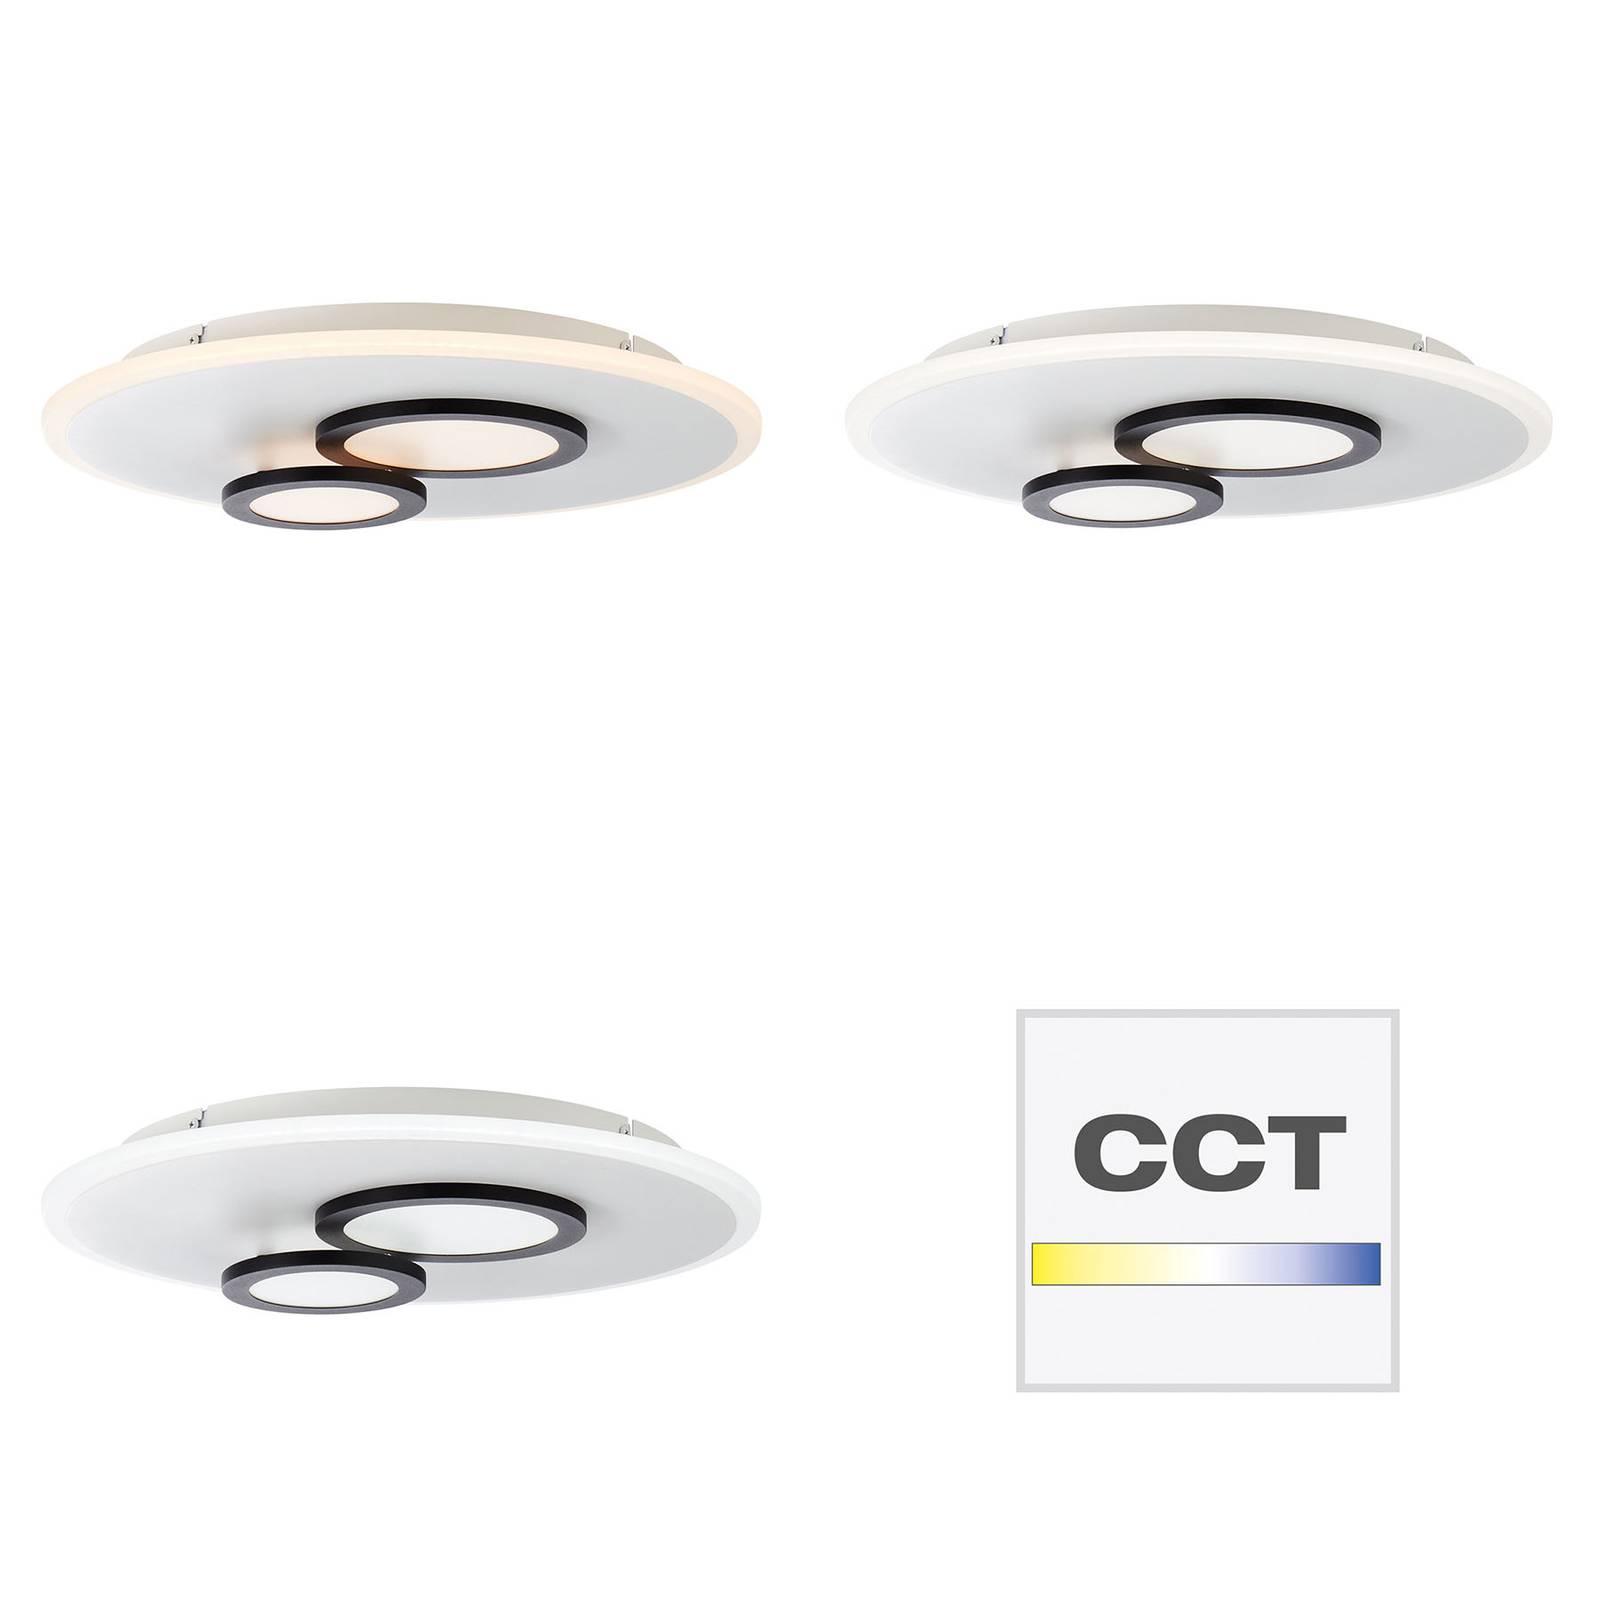 AEG Olia-LED-kattovalaisin, pyöreä, CCT, himmennys